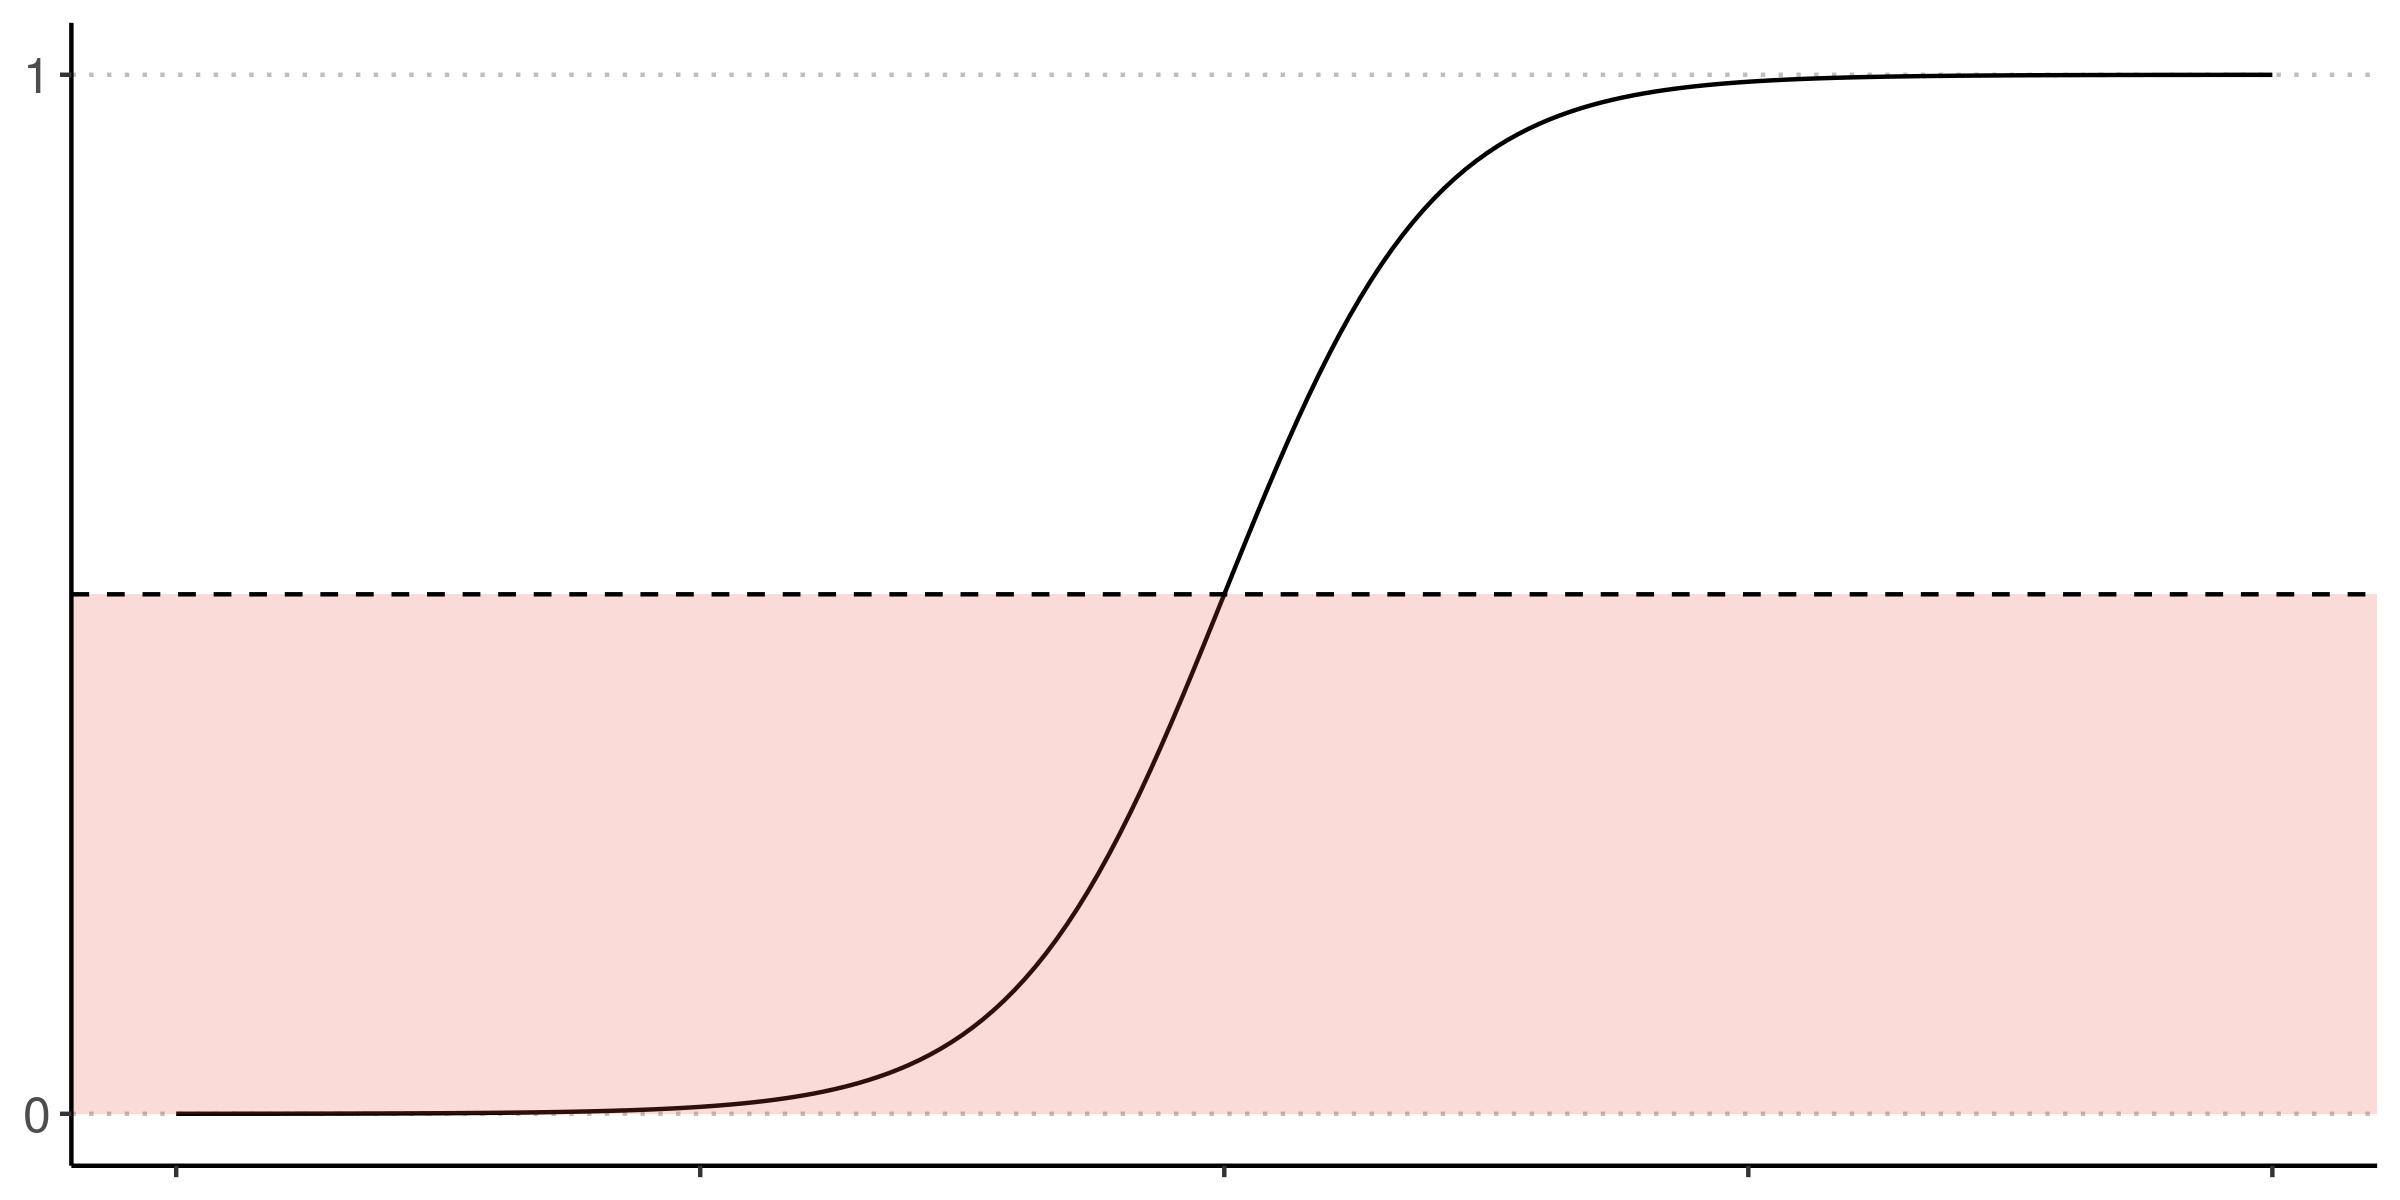 Pyspark Roc Curve